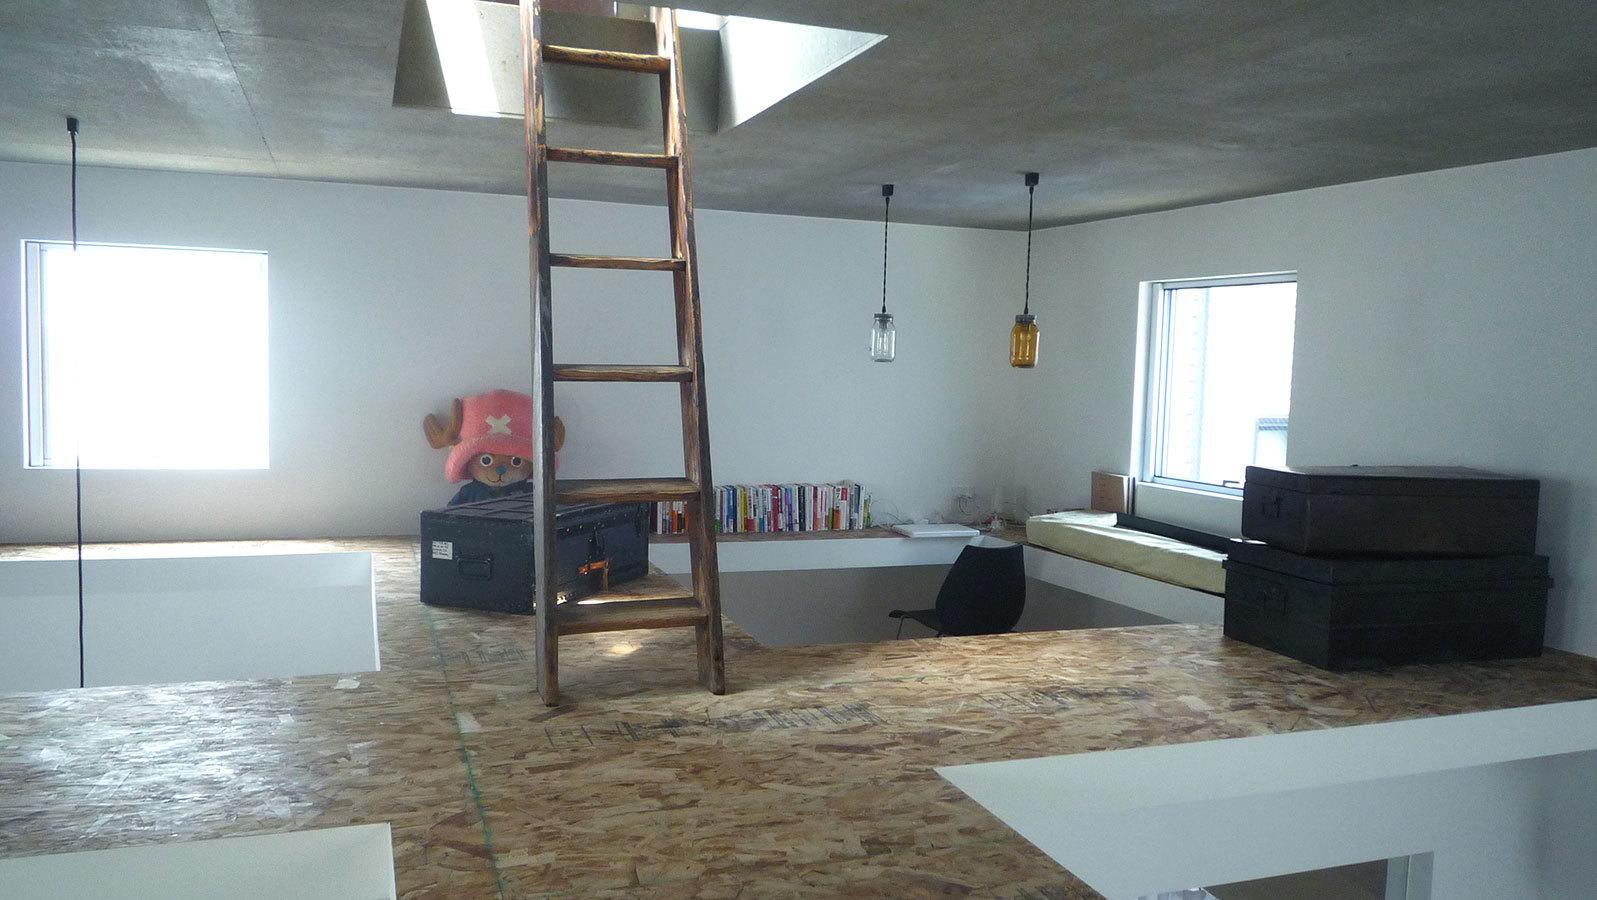 Foto de Casas poco convencionales: viviendo en una estantería gigante (14/14)